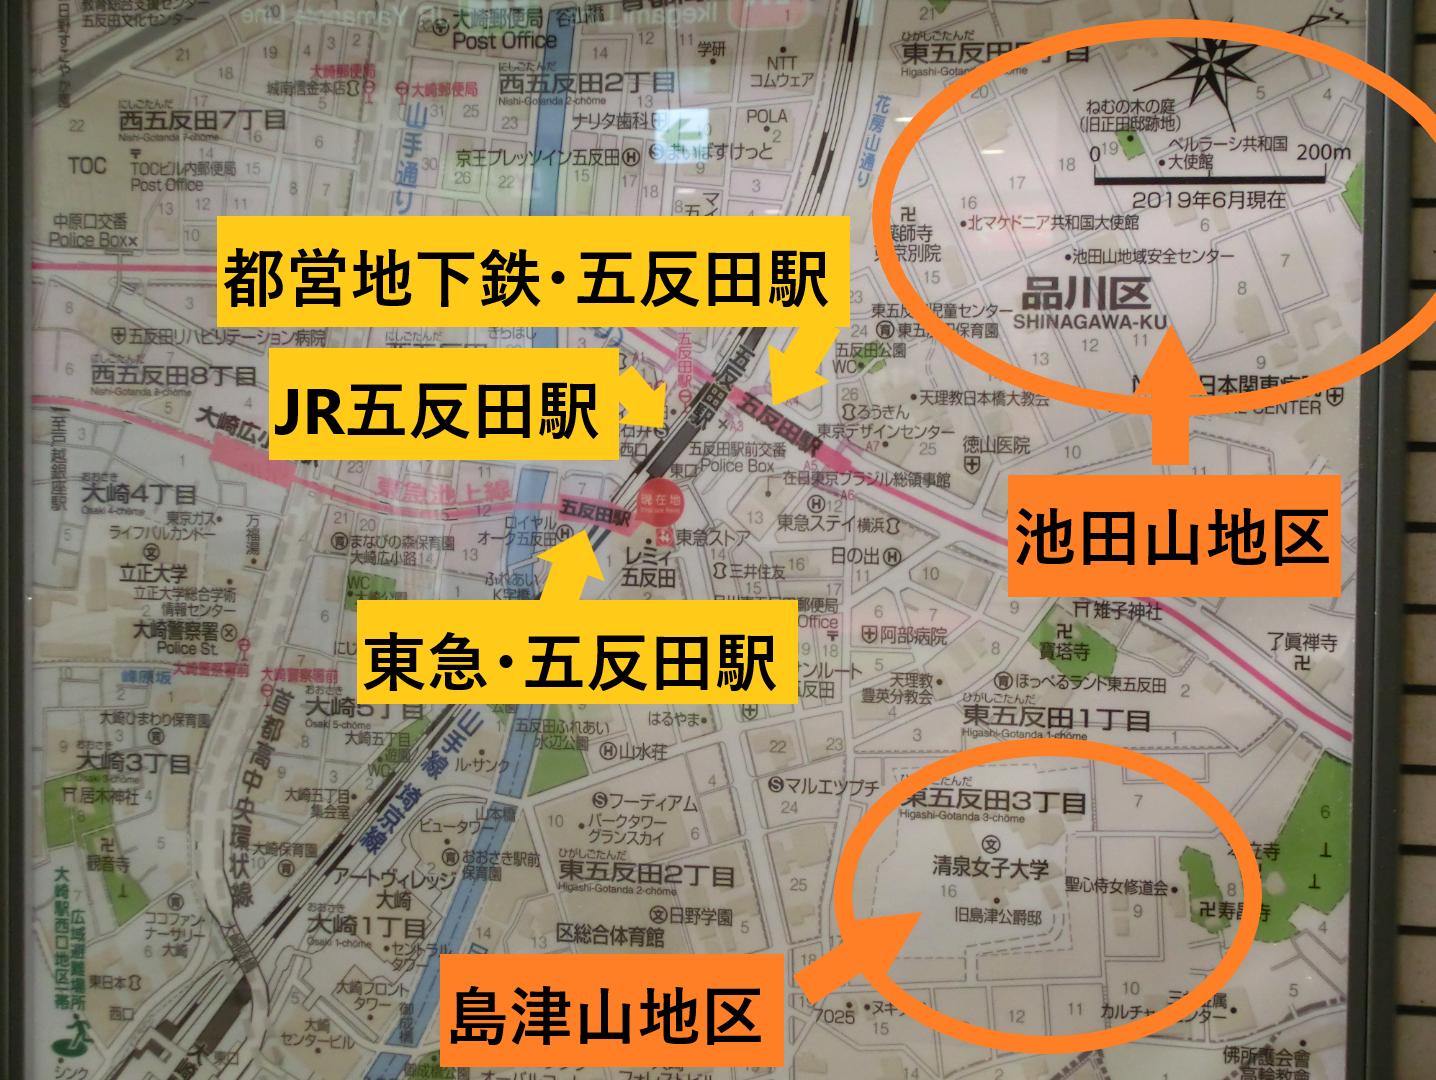 五反田駅周辺地図 五反田駅界隈散策1